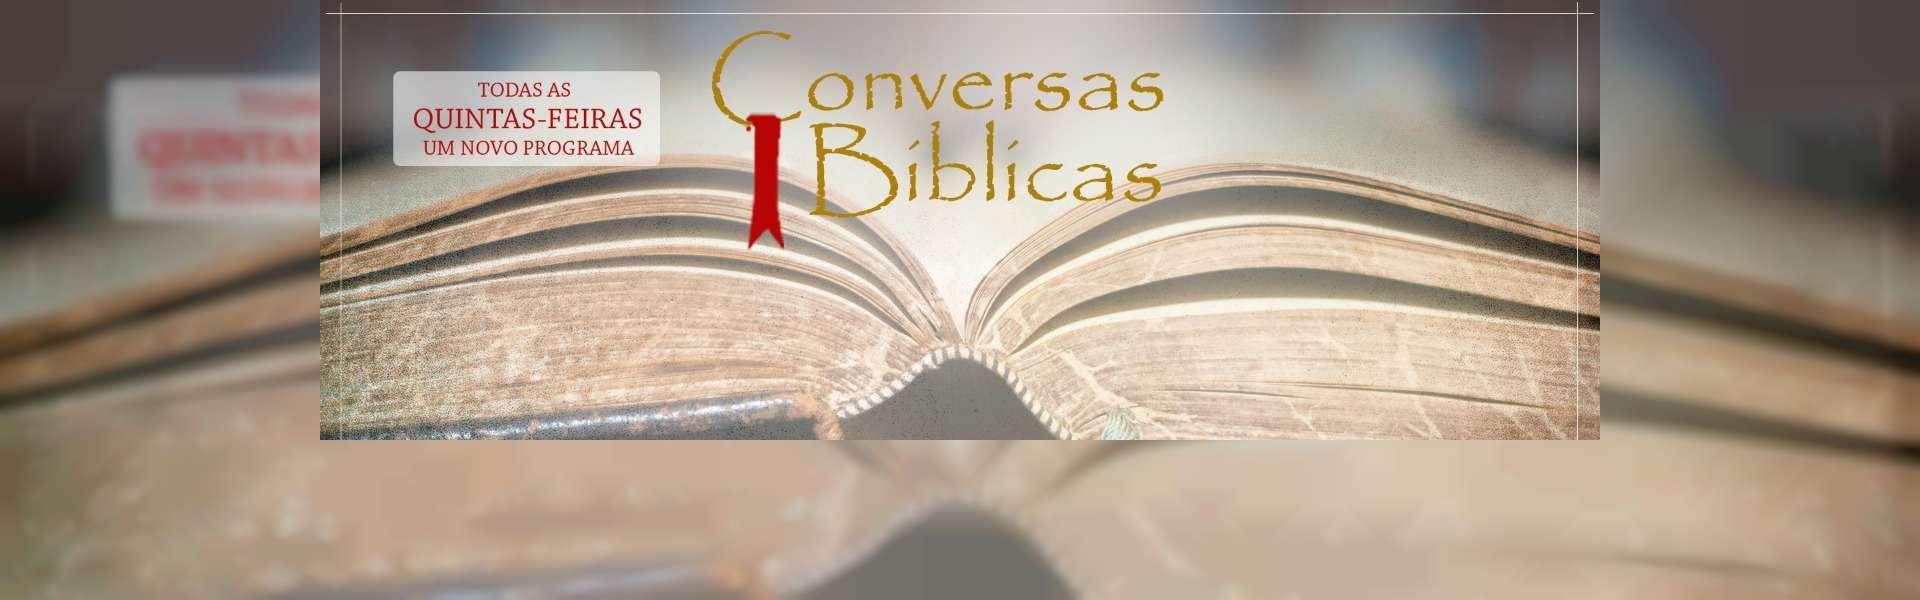 Conversas Bíblicas: Pecado Original - Parte 2